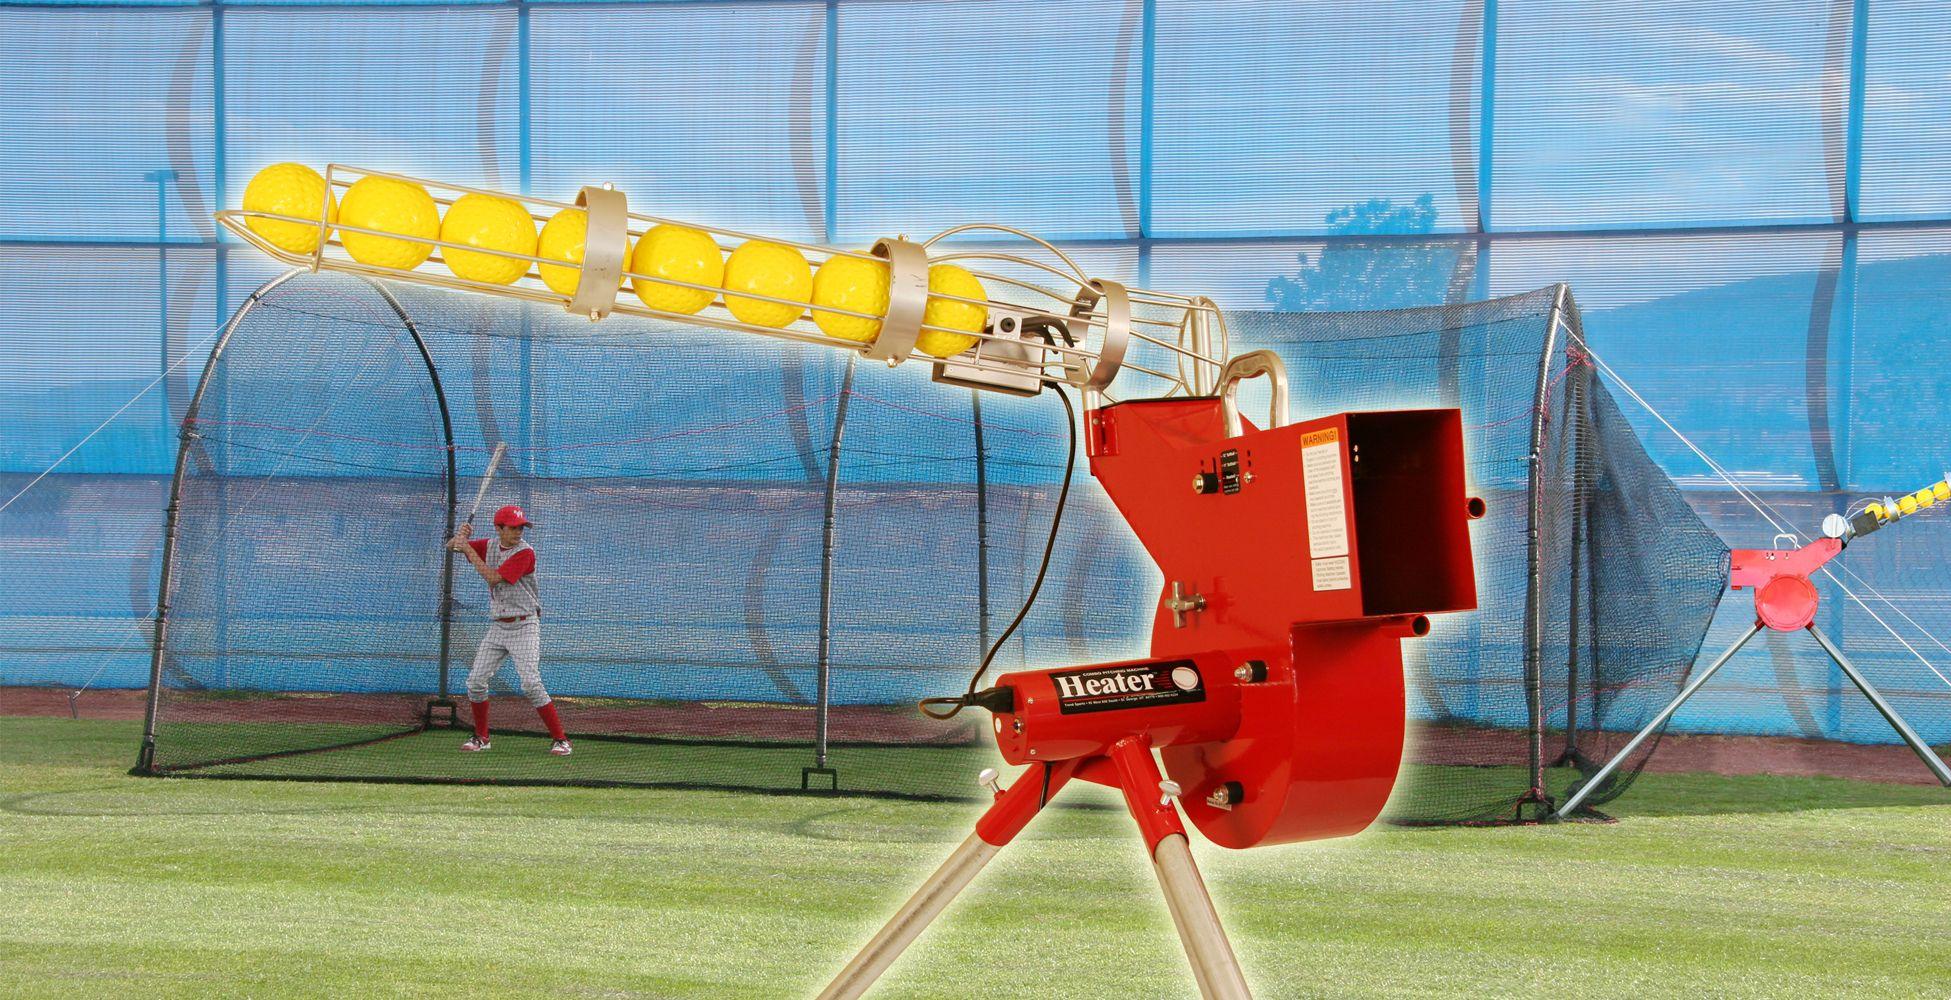 heater baseball u0026 softball combo pitching machine u0026 xtender 24